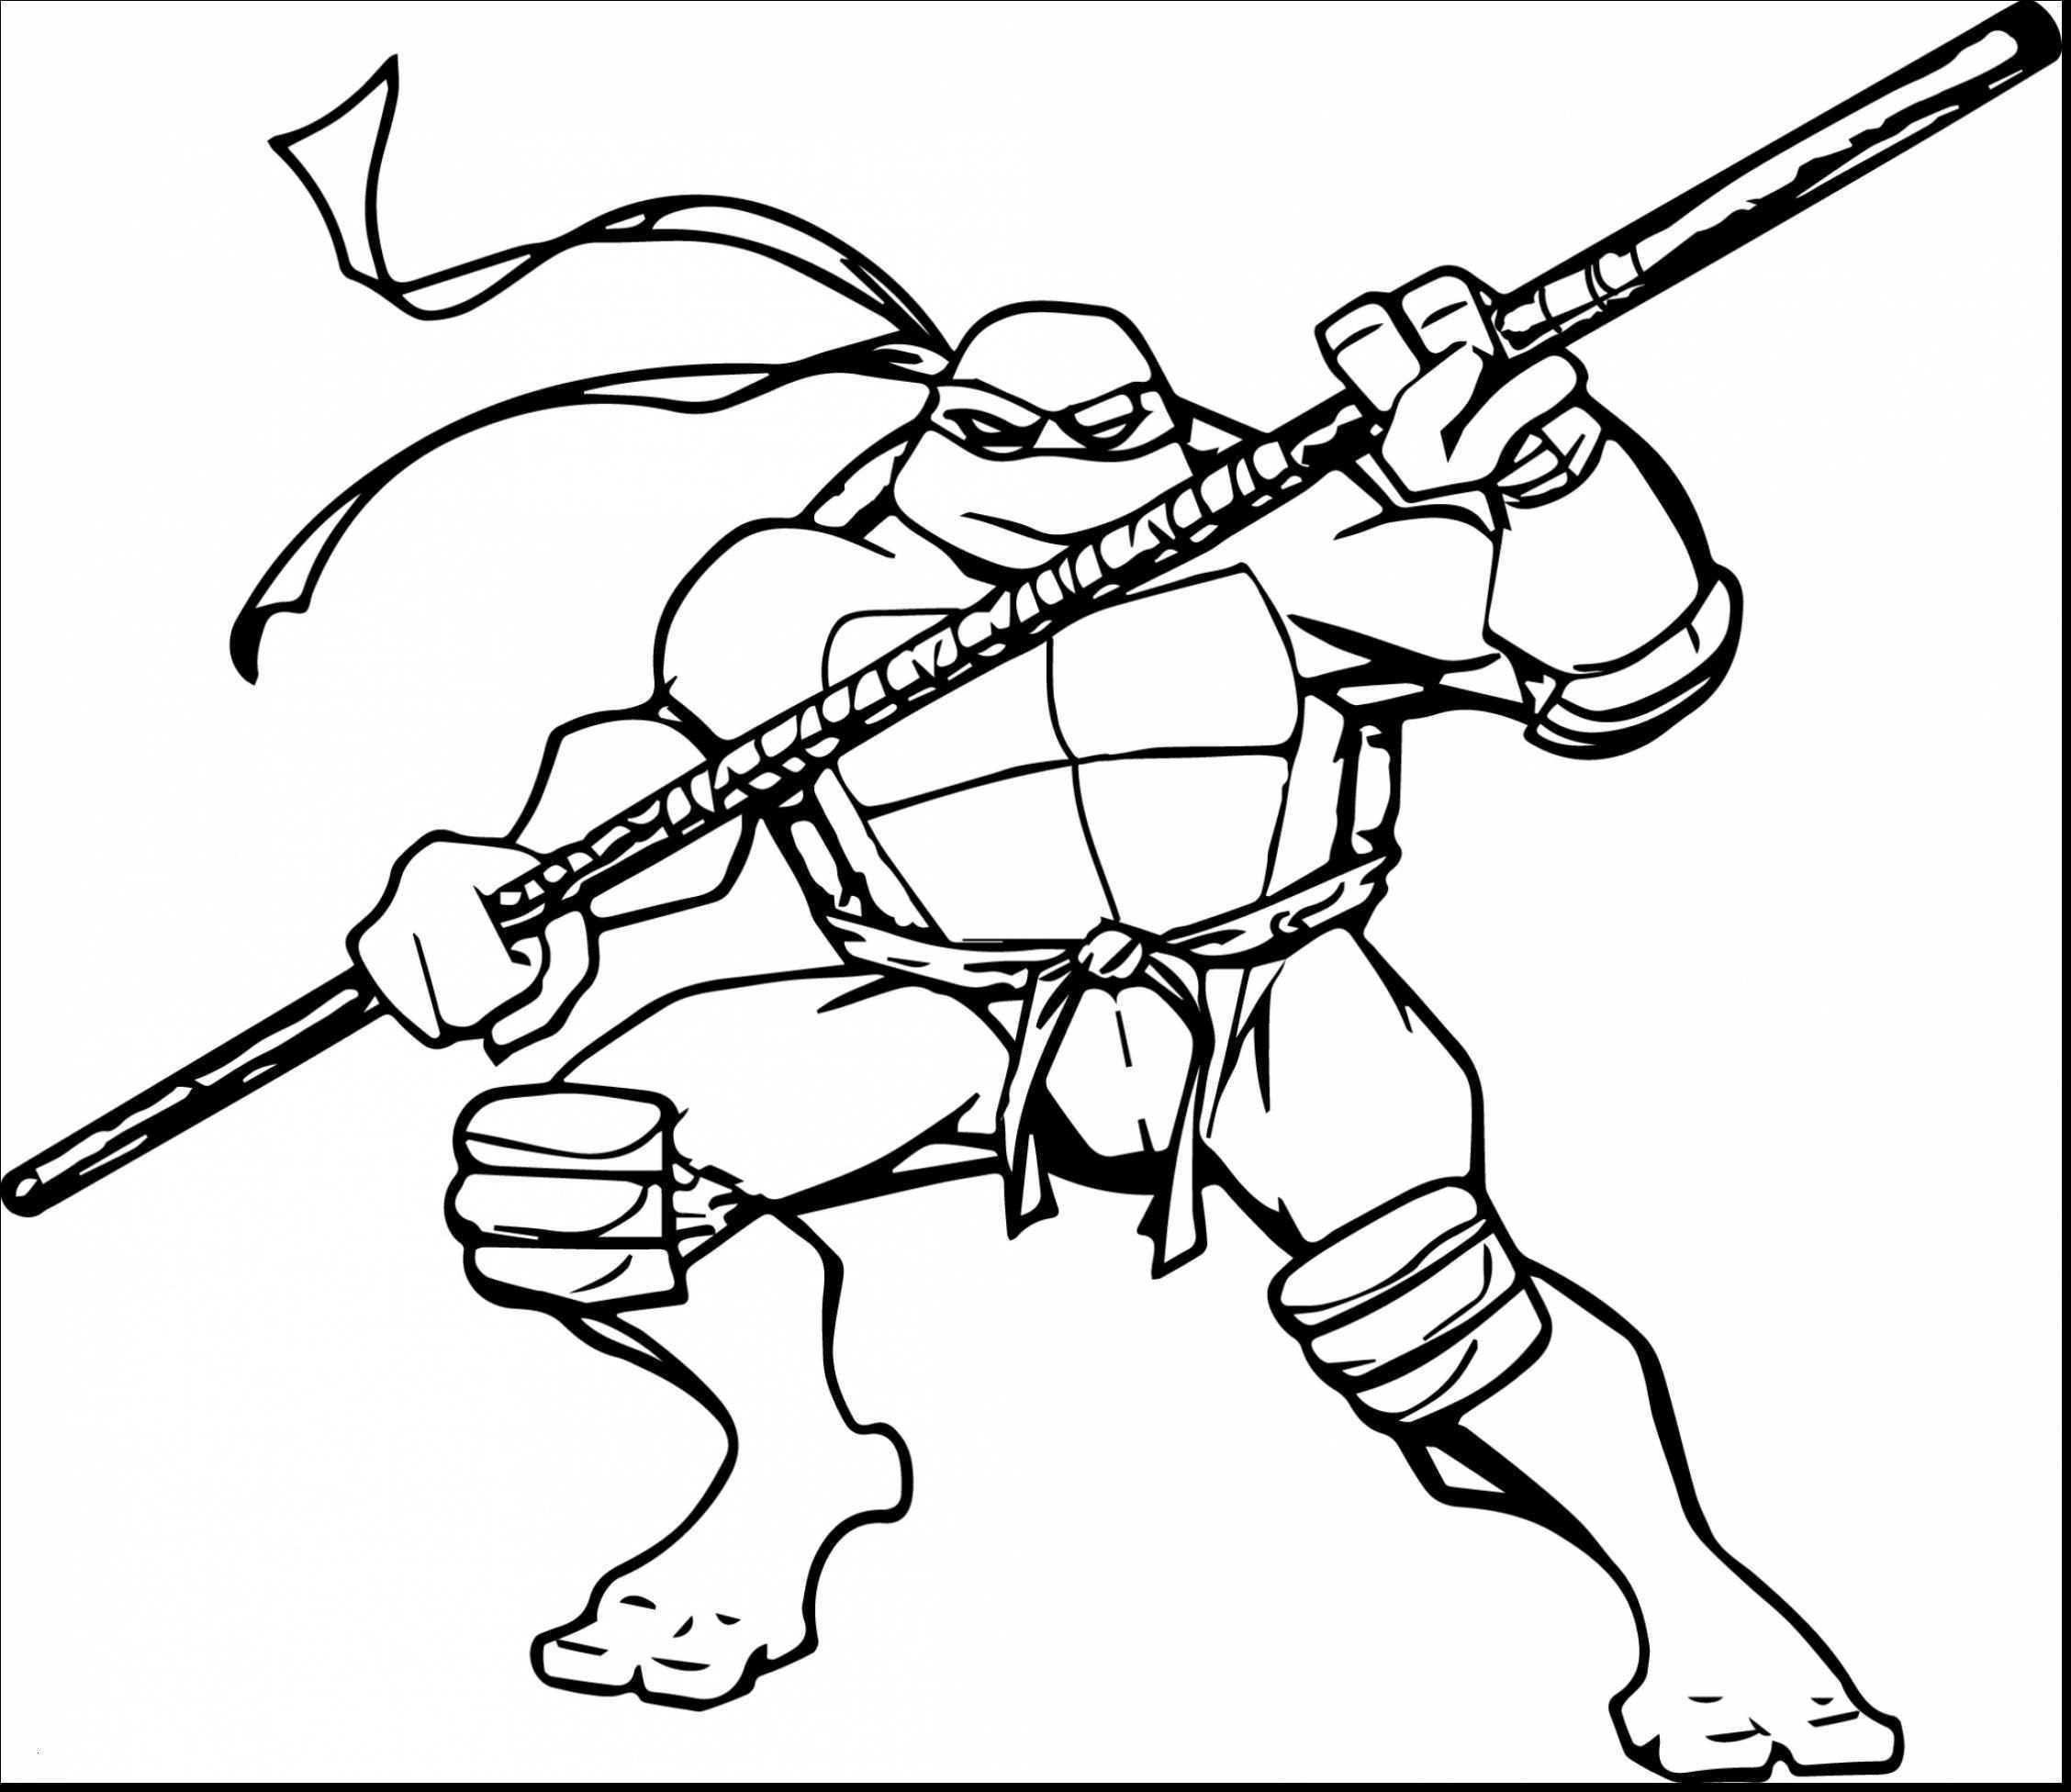 Neu Malvorlagen Ninja Turtles Ninja Turtle Coloring Pages Coloring Pages Shopkin Coloring Pages